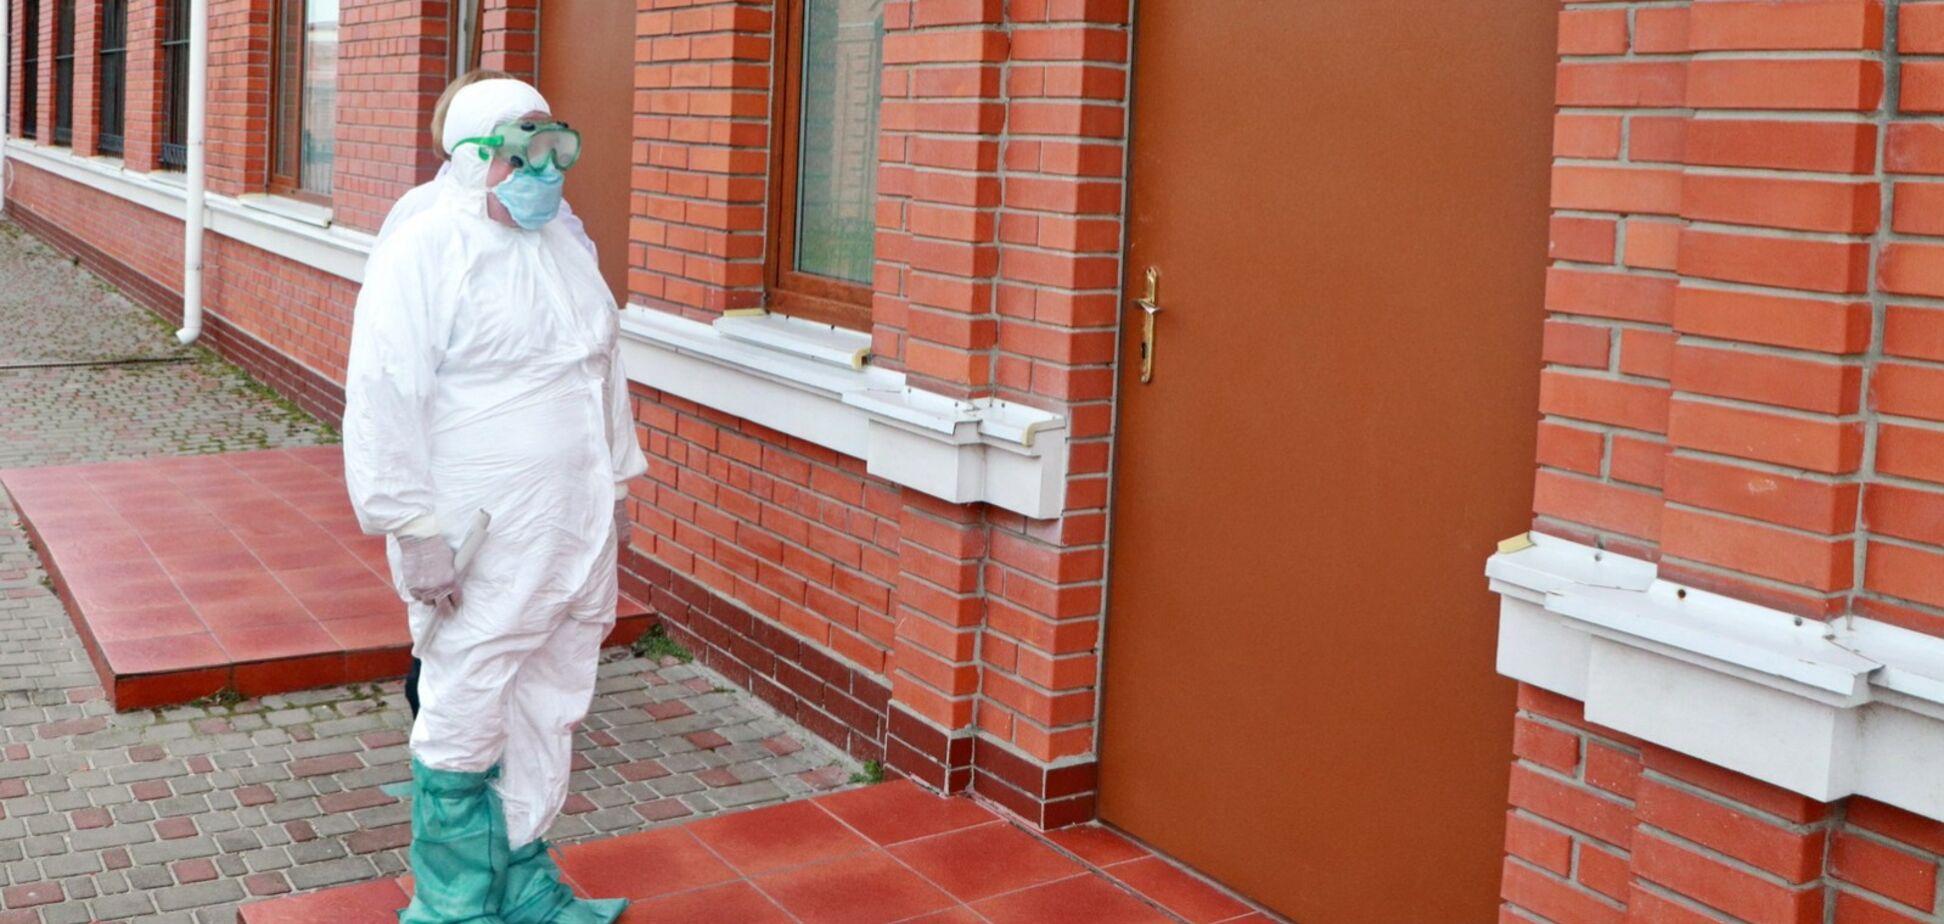 Одеській інфекційній лікарні не вистачає лікарів і обладнання для боротьби з коронавірусом